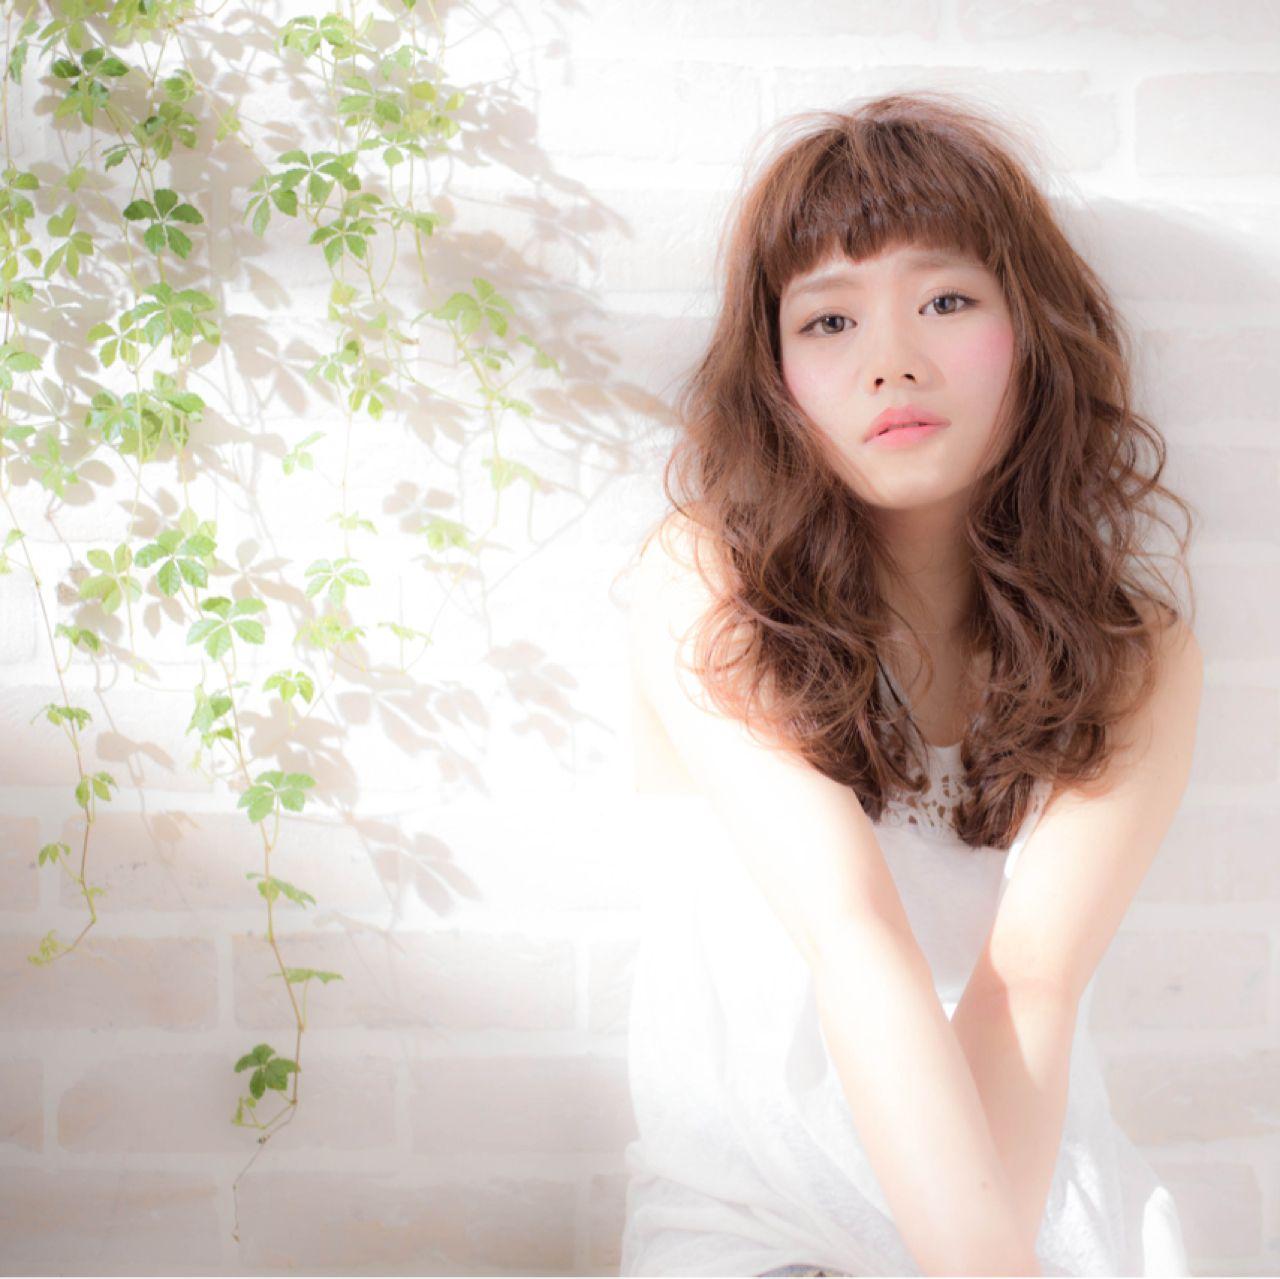 ナチュラル ロング 簡単 ウェーブ ヘアスタイルや髪型の写真・画像 | 金野 朋晃 / KATE omotesando